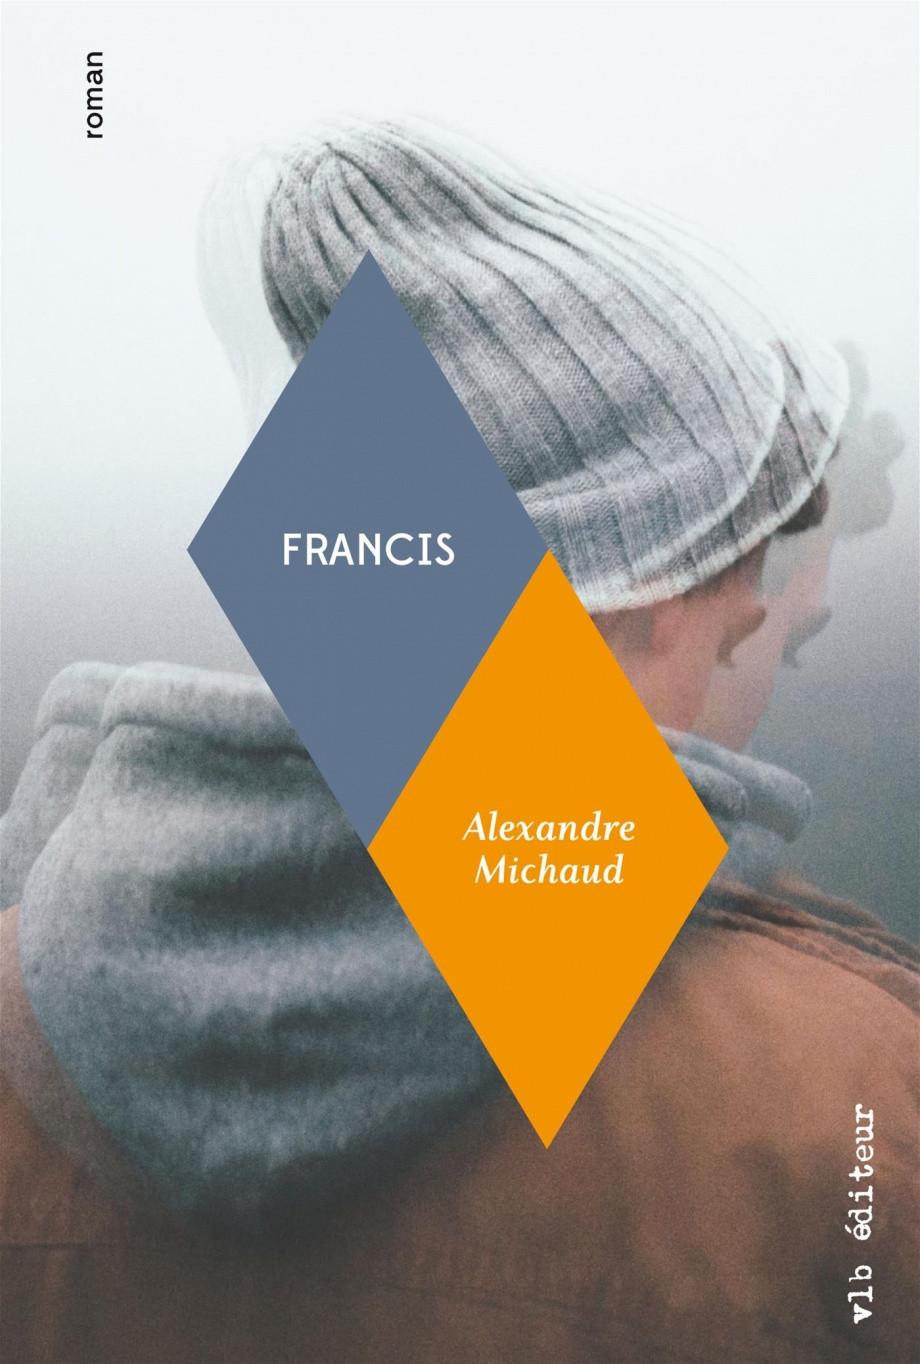 https://www.leslibraires.ca/livres/francis-alexandre-michaud-9782896498253.html?u=3391